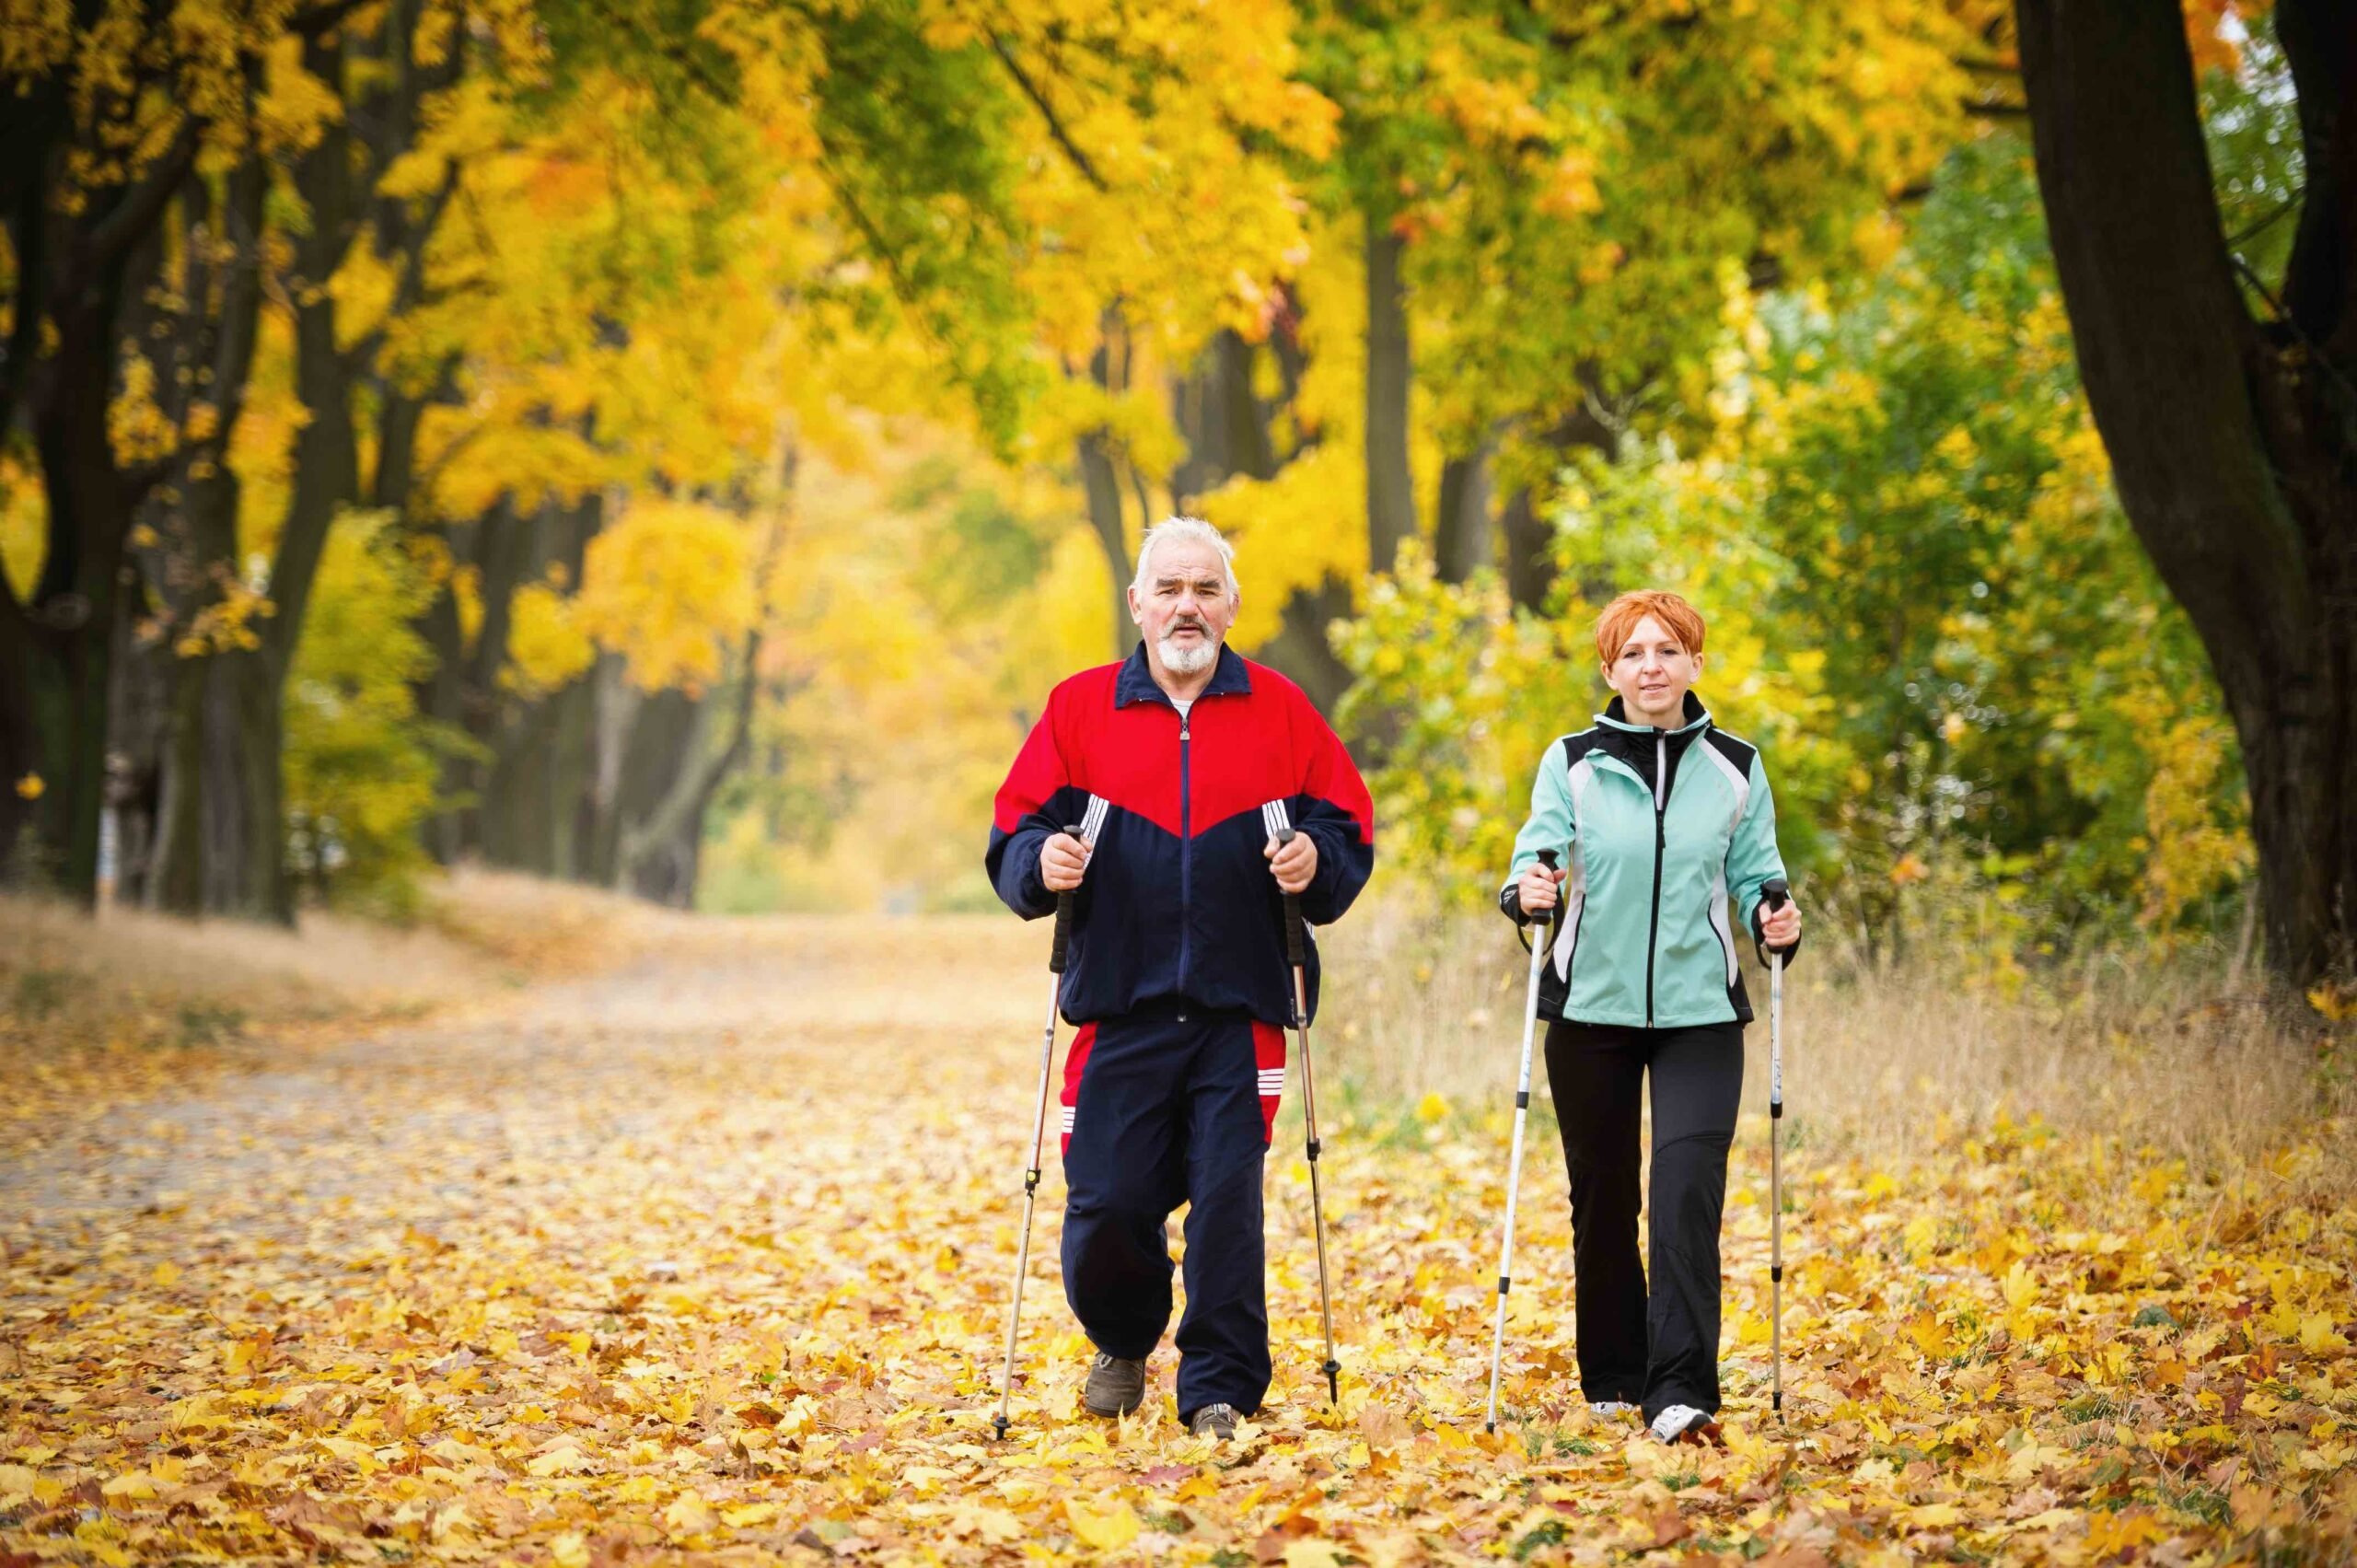 spacer jest zdrowy